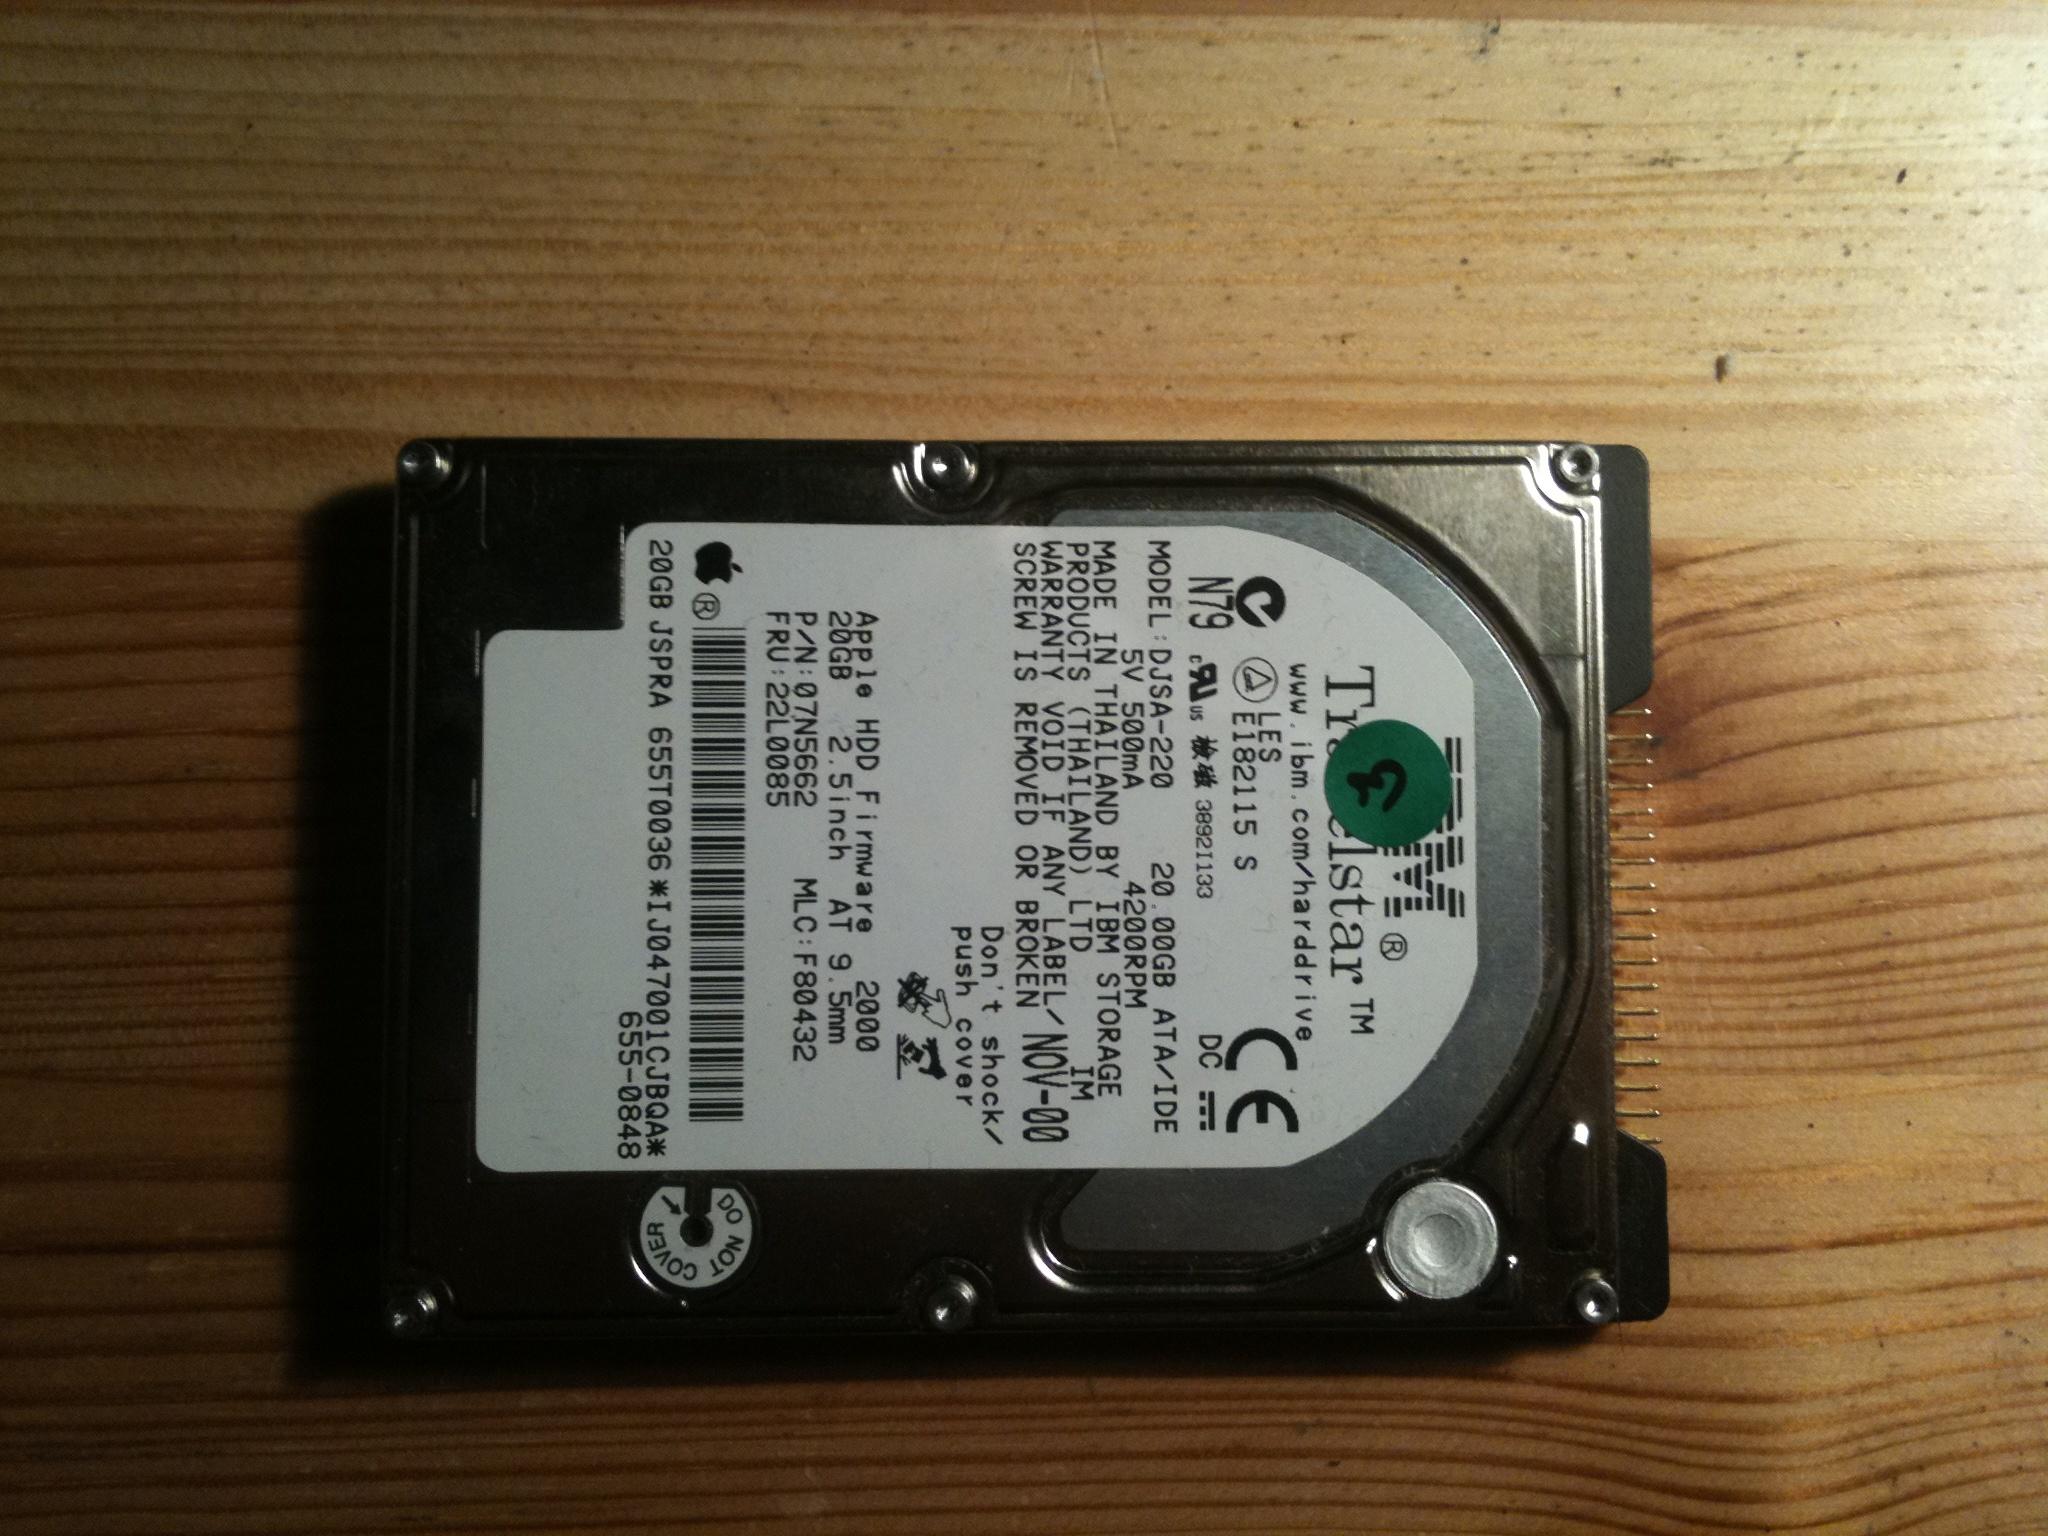 96 20 Ide Hard Disk Seagate Gb Drive Zoom 25 Usb Hdd Hardisk 80gb Ibm Travelstar Djsa 220 Teardown